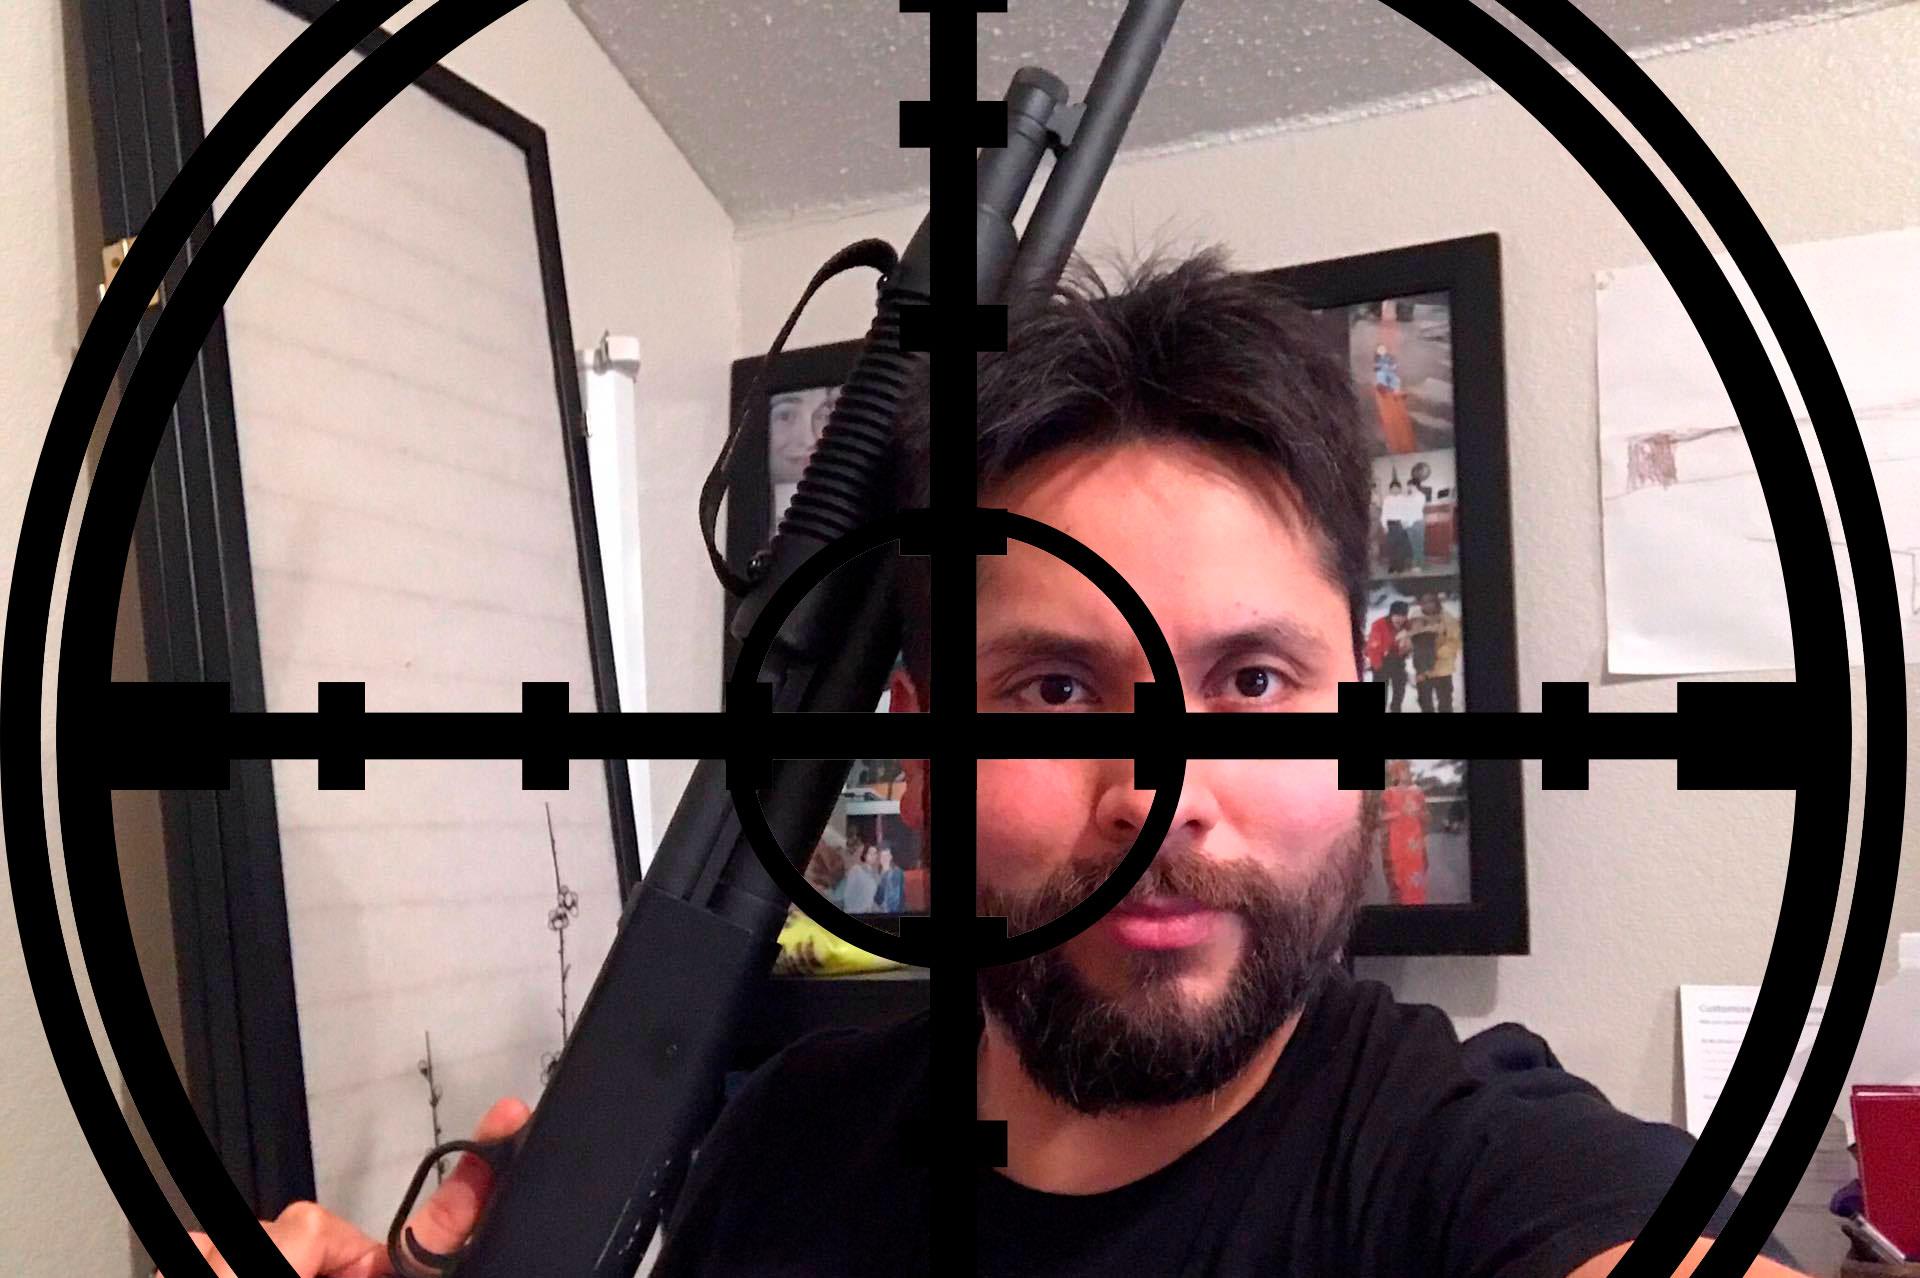 Emancipated Radio: Luis is being targeted